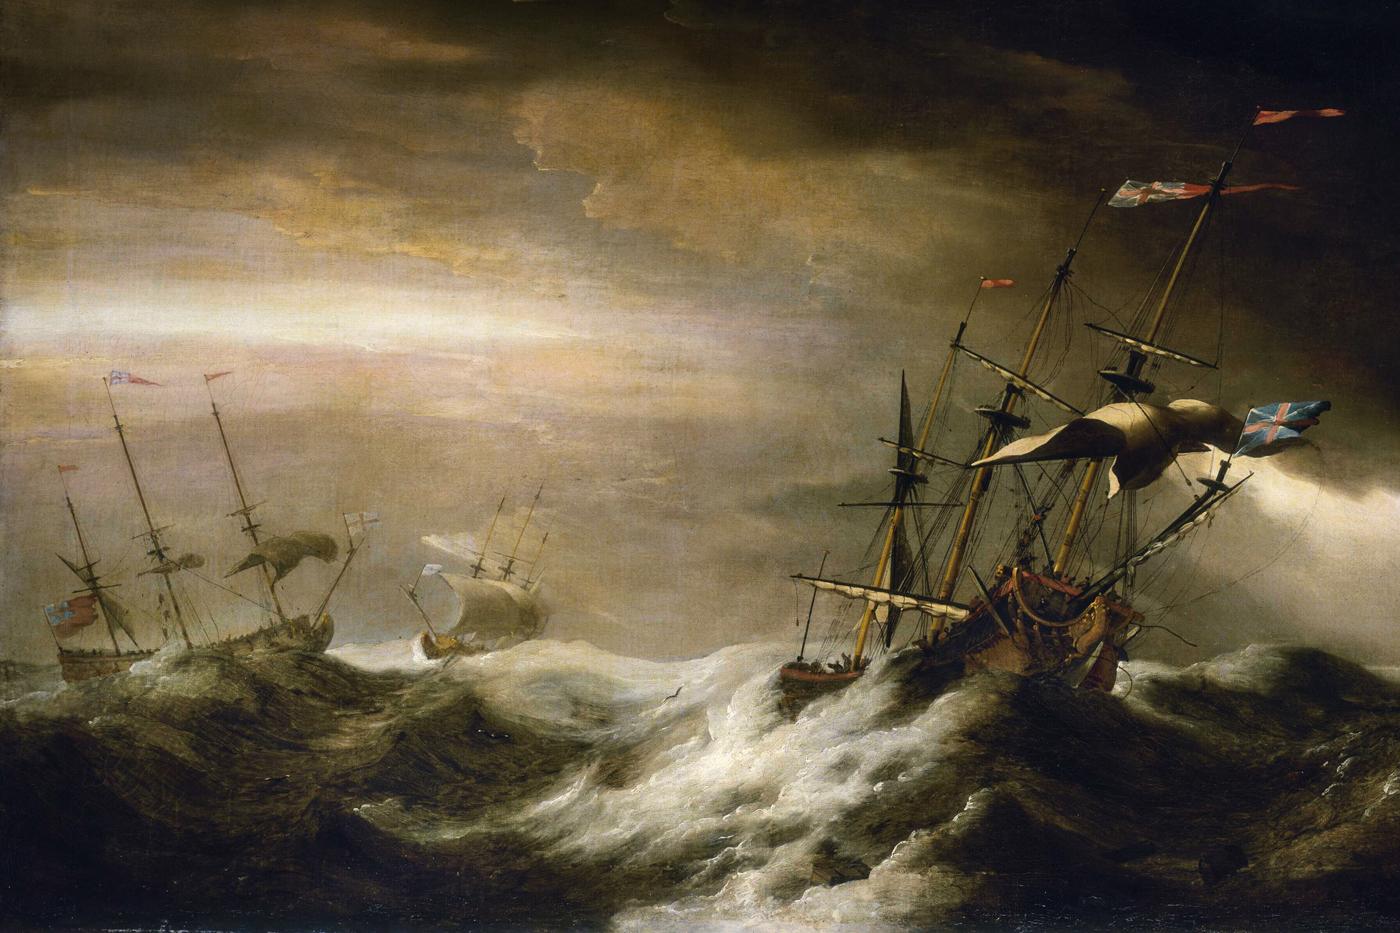 Ships at sea during storm